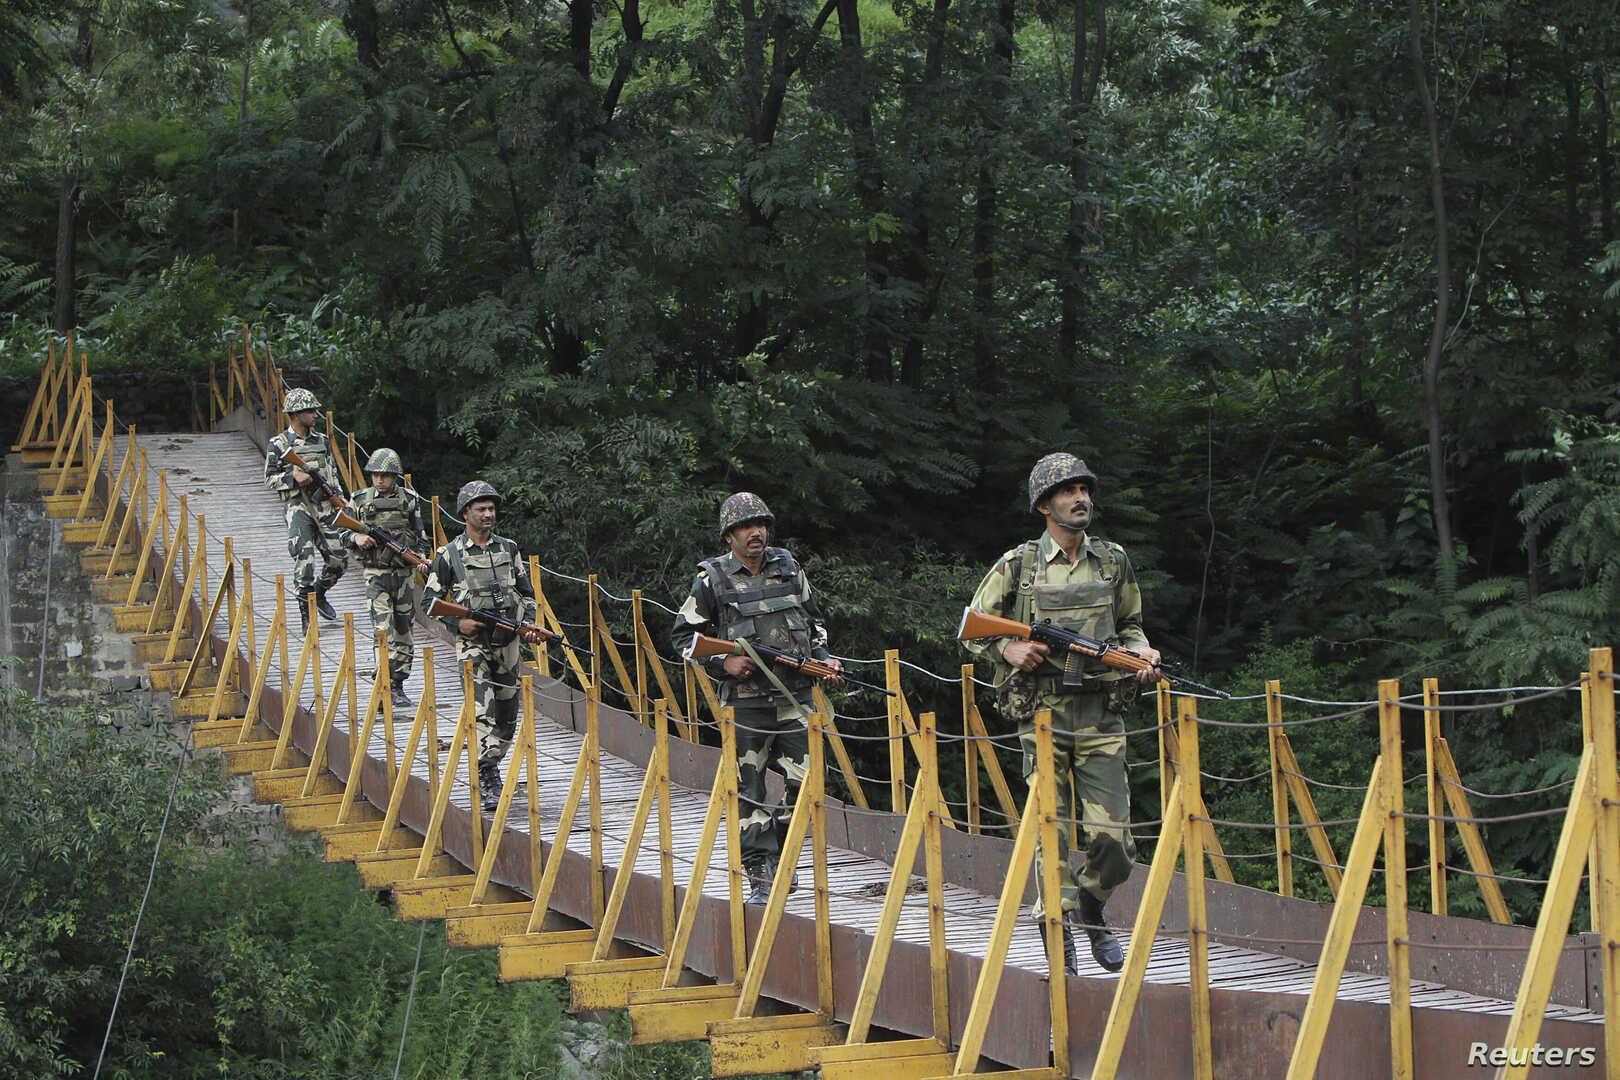 الجيش الهندي  يعلن إسقاط طائرة مسيرة باكستانية في جامو وكشمير